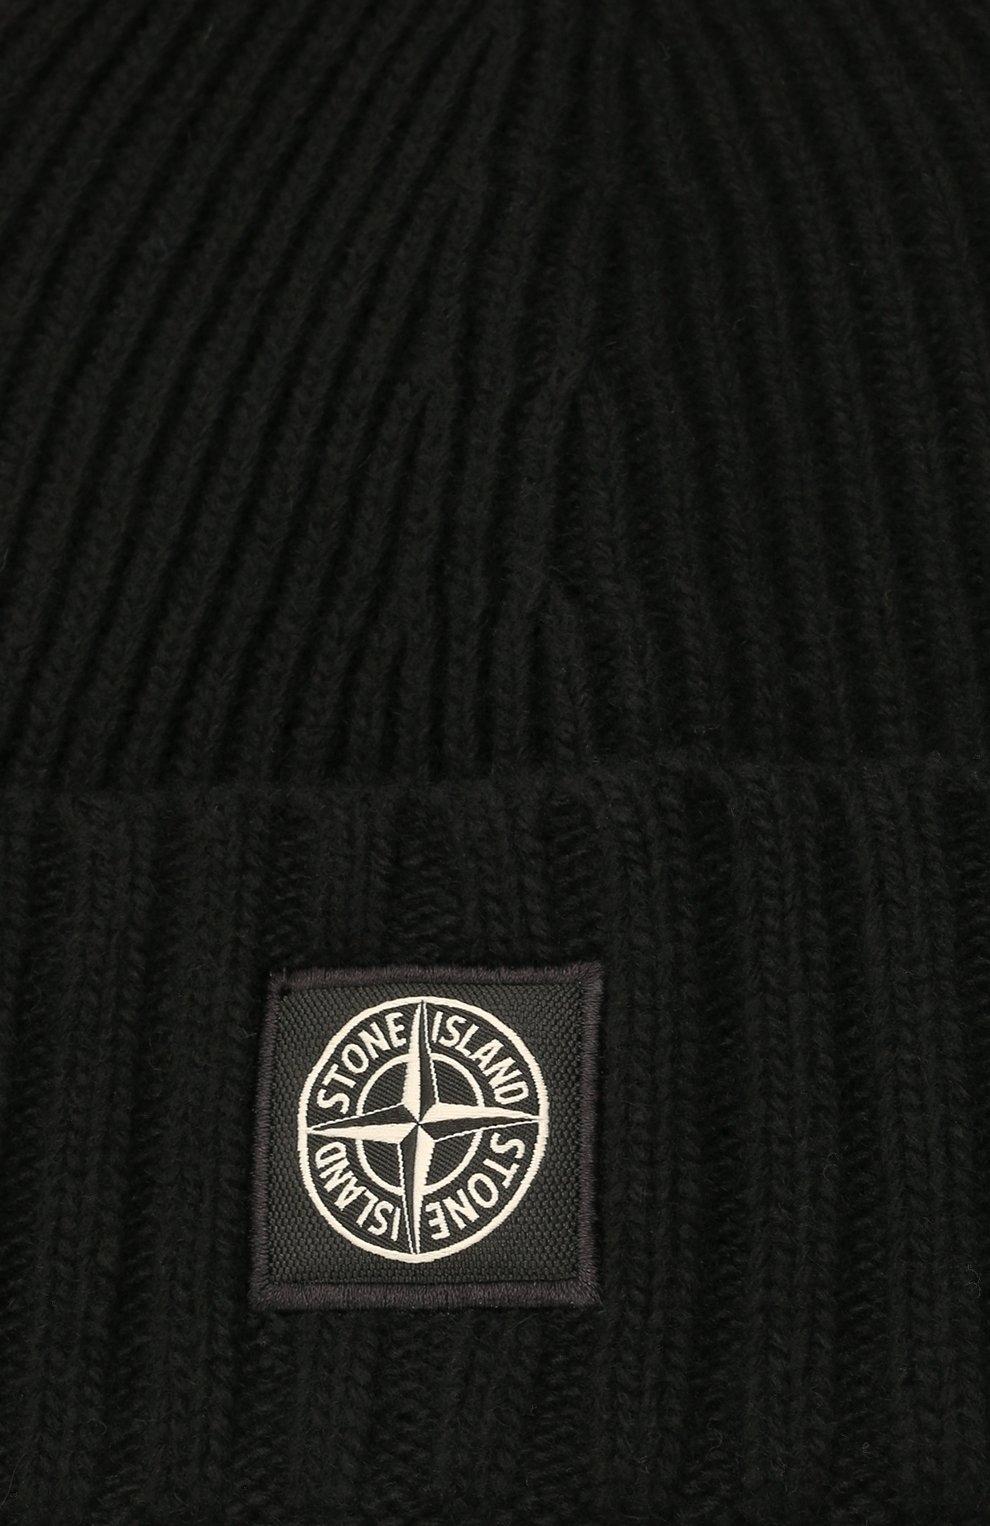 Детского шапка из шерсти и вискозы STONE ISLAND черного цвета, арт. 7516N03A8   Фото 3 (Материал: Текстиль, Шерсть, Вискоза)